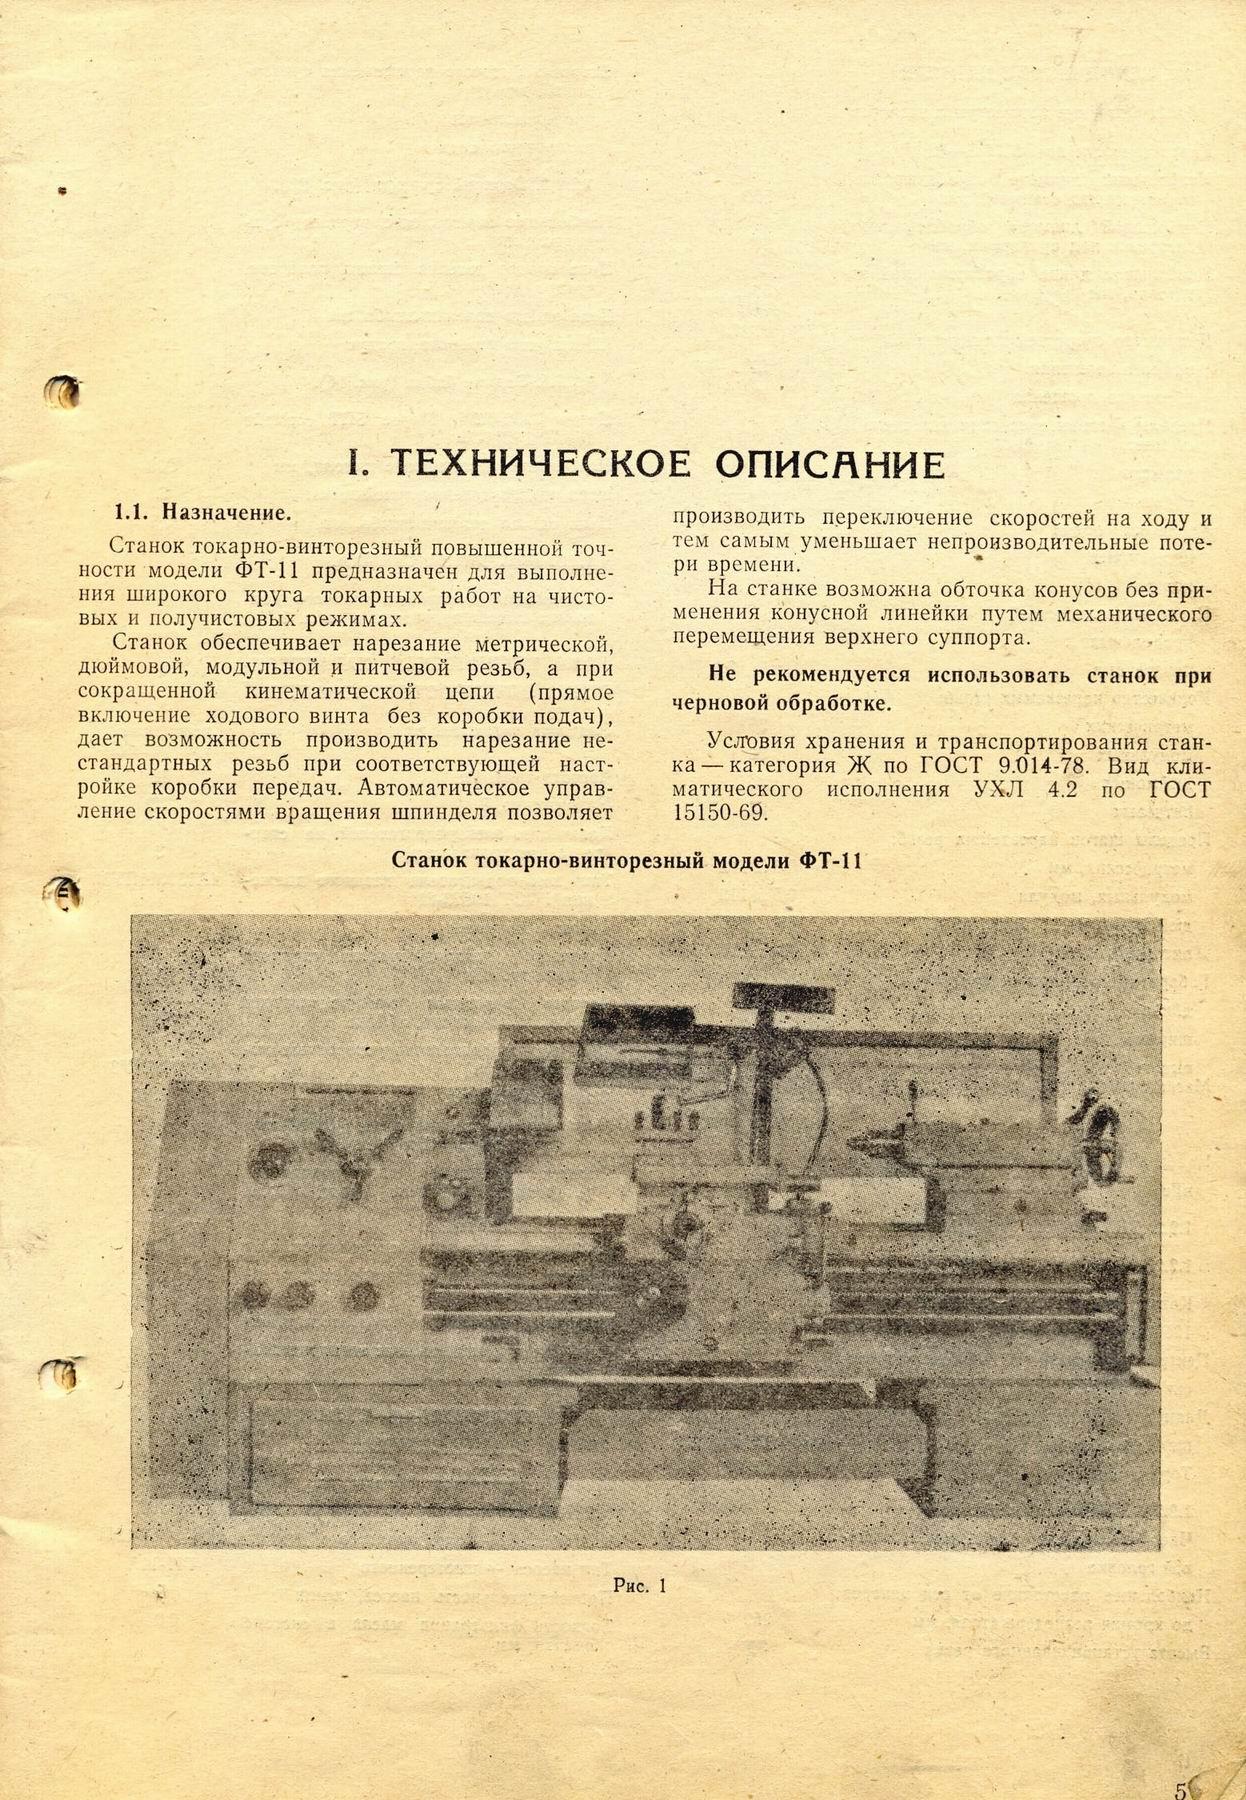 Схема на станок фт 11